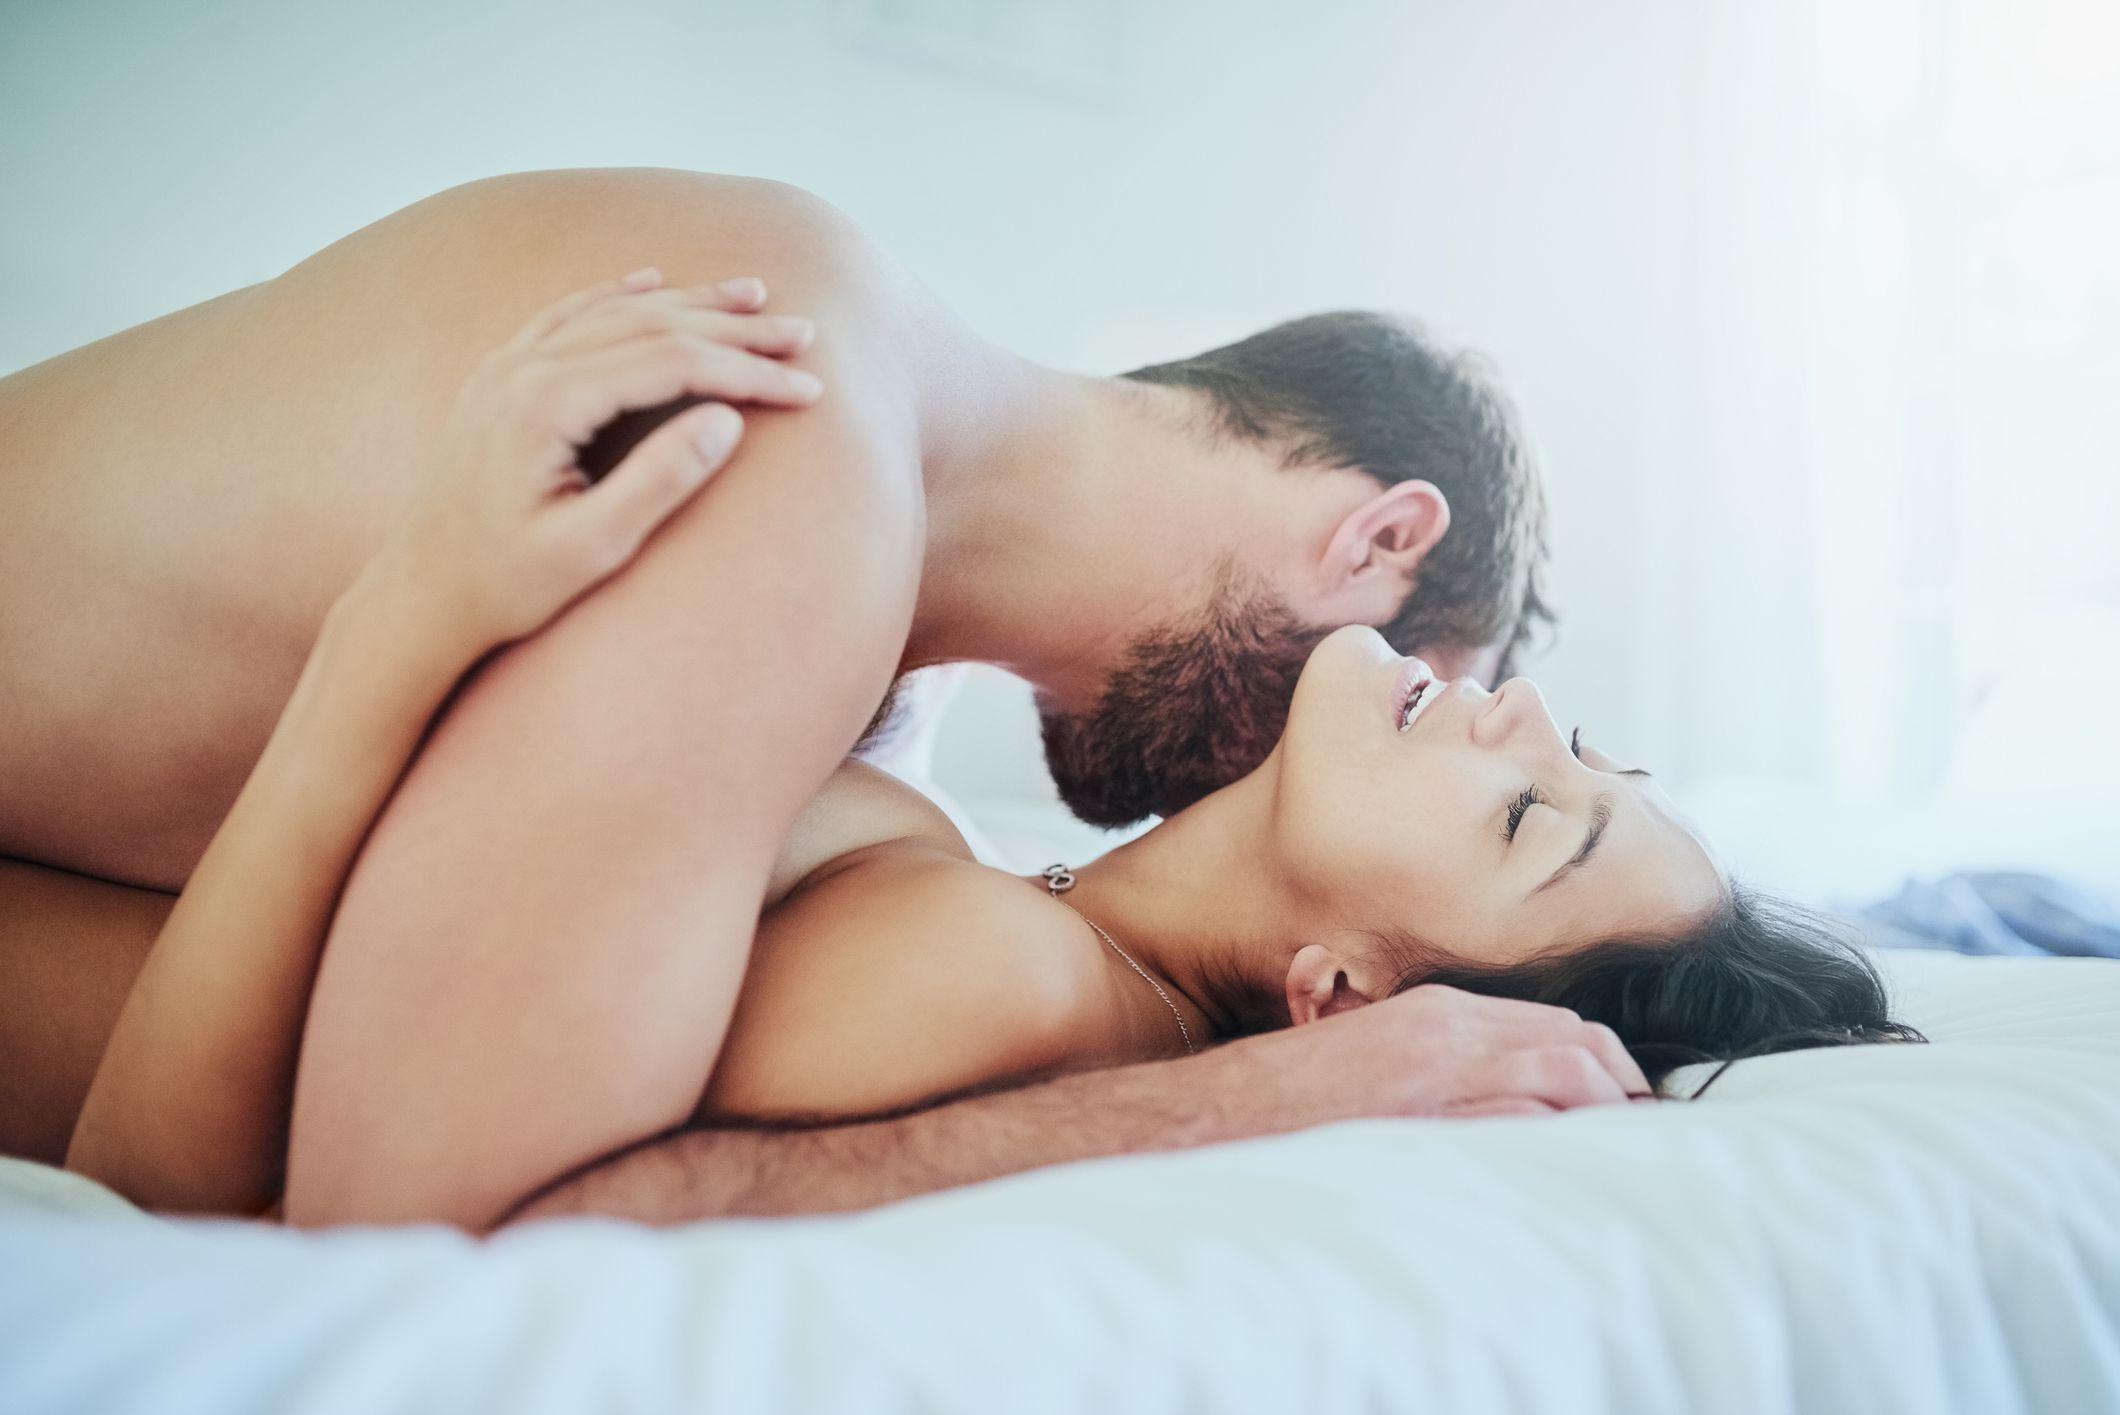 Tiffani thiessen sex scenes